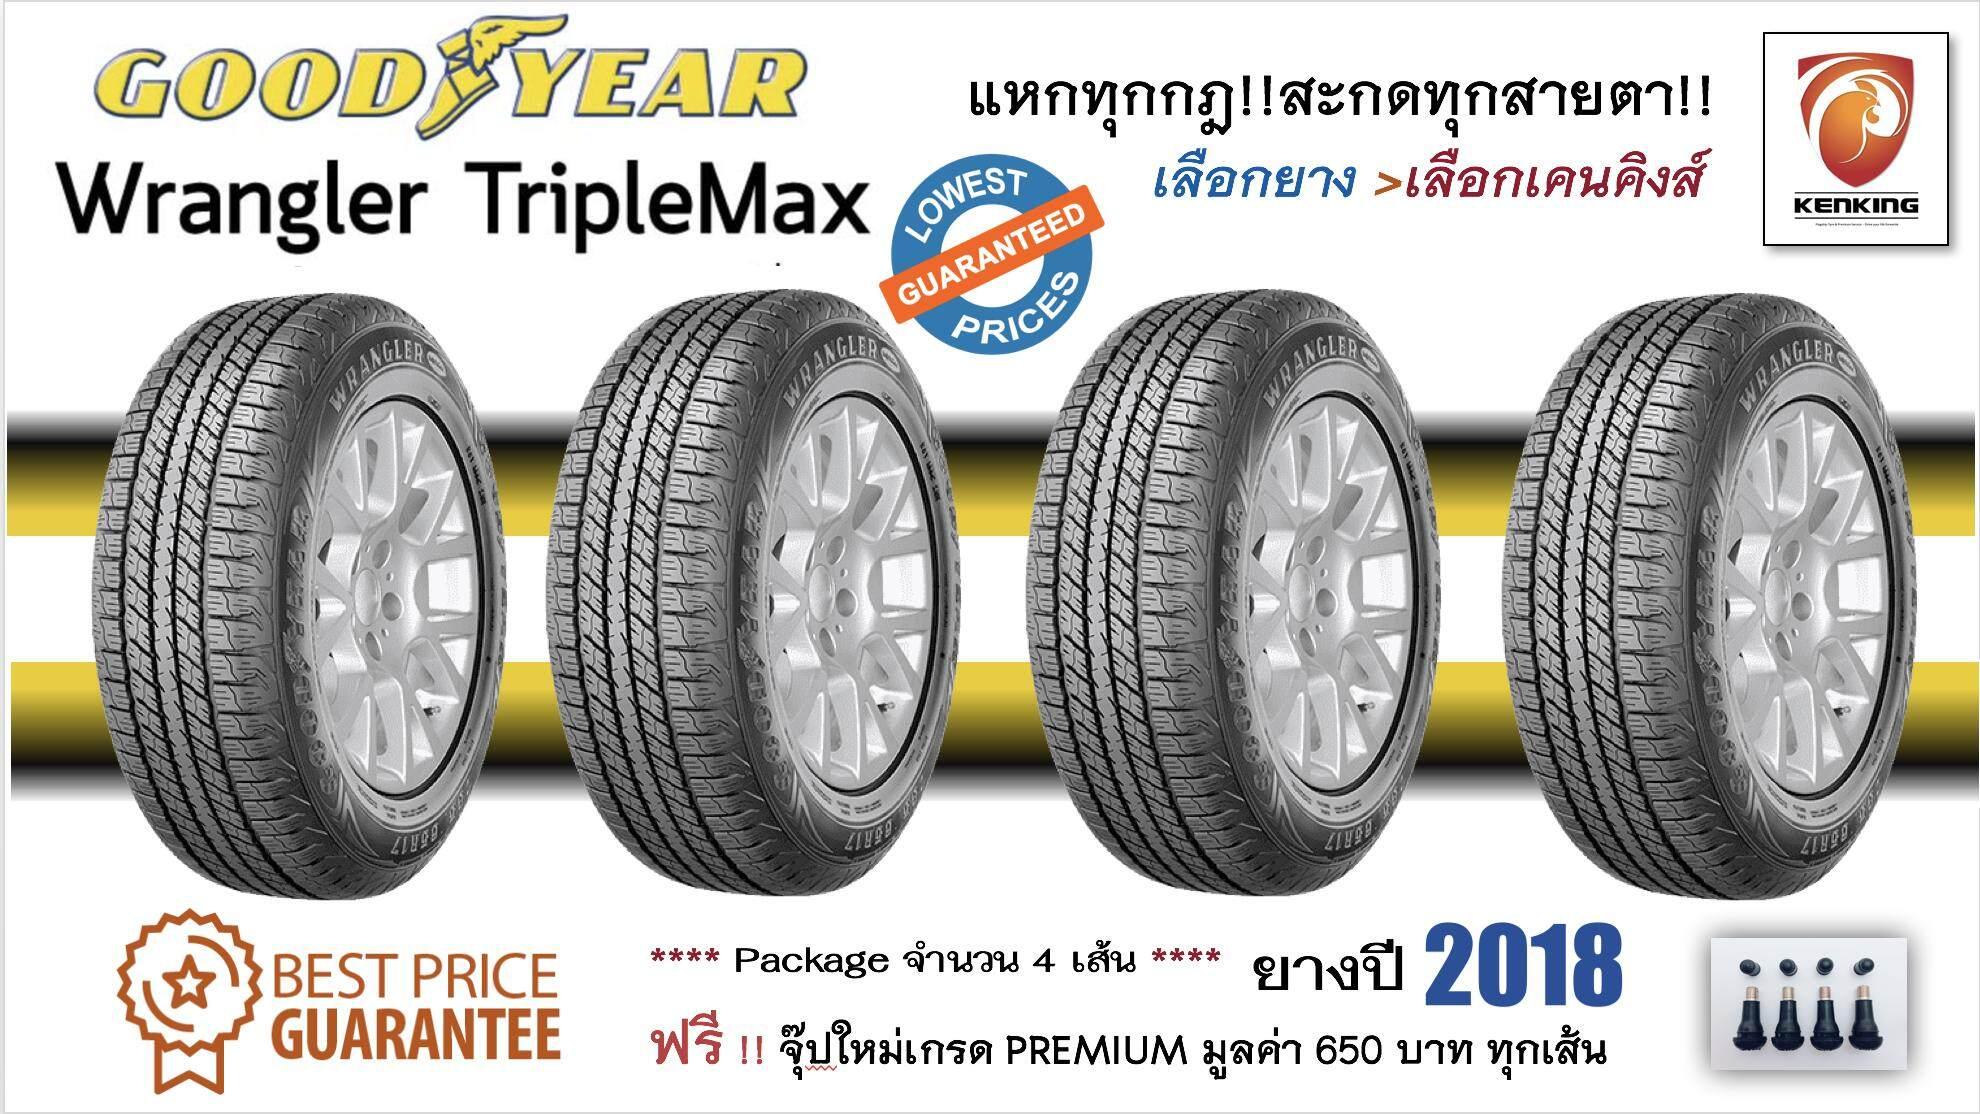 ประกันภัย รถยนต์ 2+ ประจวบคีรีขันธ์ ยางรถยนต์ขอบ 17 Goodyear  245/65 R17 (สำหรับ 4 เส้น)  New!! ปี 2019 รุ่น 112H รุ่น Wrangler Triplemax (ฟรี !! จุ๊ปเกรด Premium มูลค่า 650 บาท)